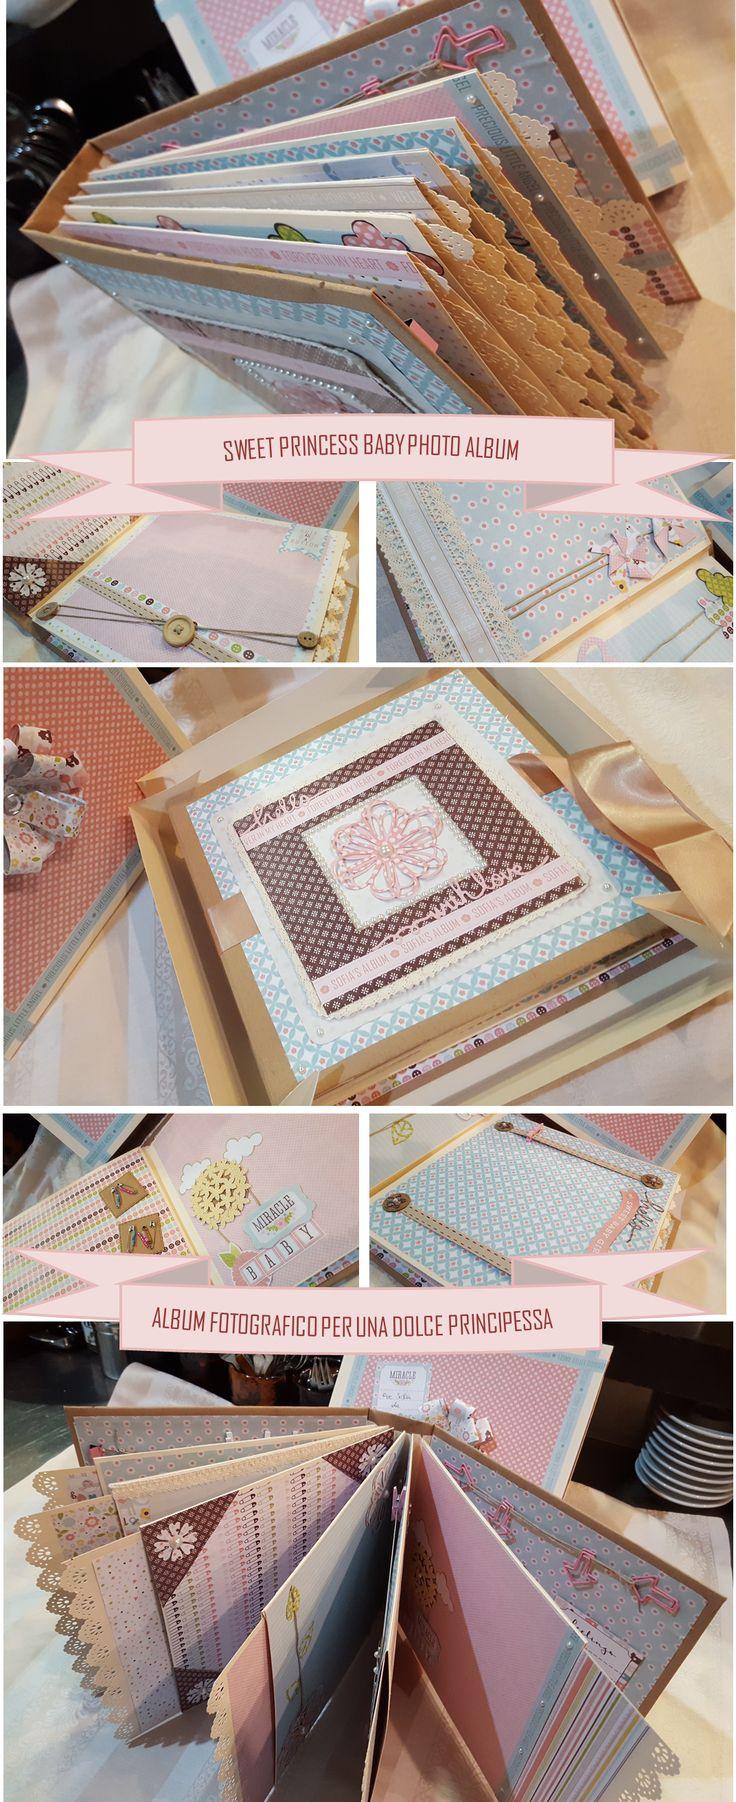 Album fotografico, personalizzato e decorato, per la nascita di un piccola principessa. :-)  Photo Album for a Little Princess.